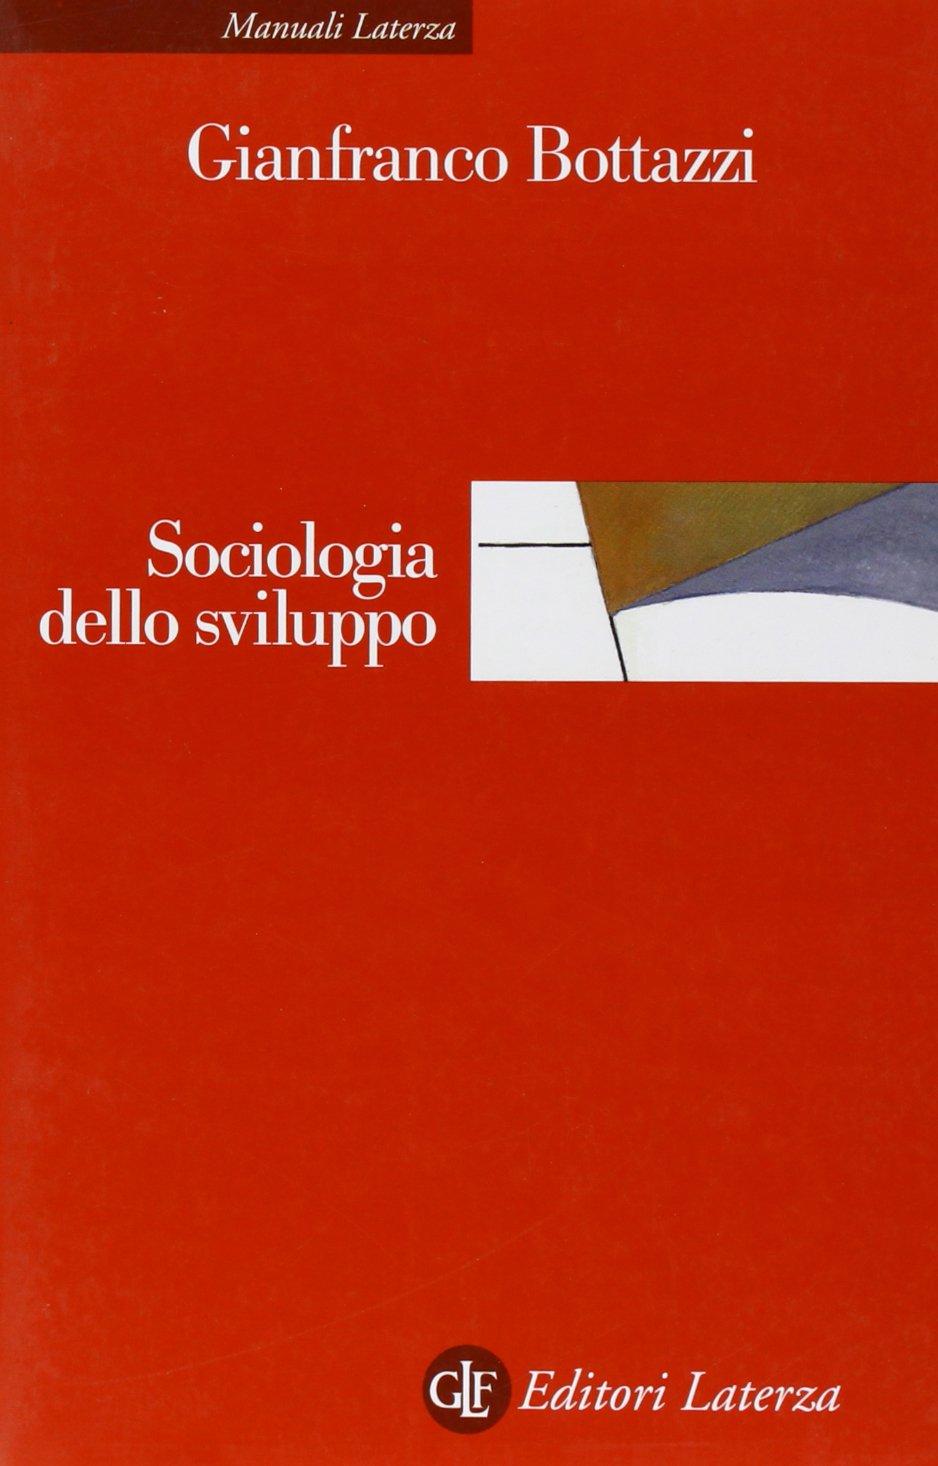 sociologia dello sviluppo: amazon it: gianfranco bottazzi: libri